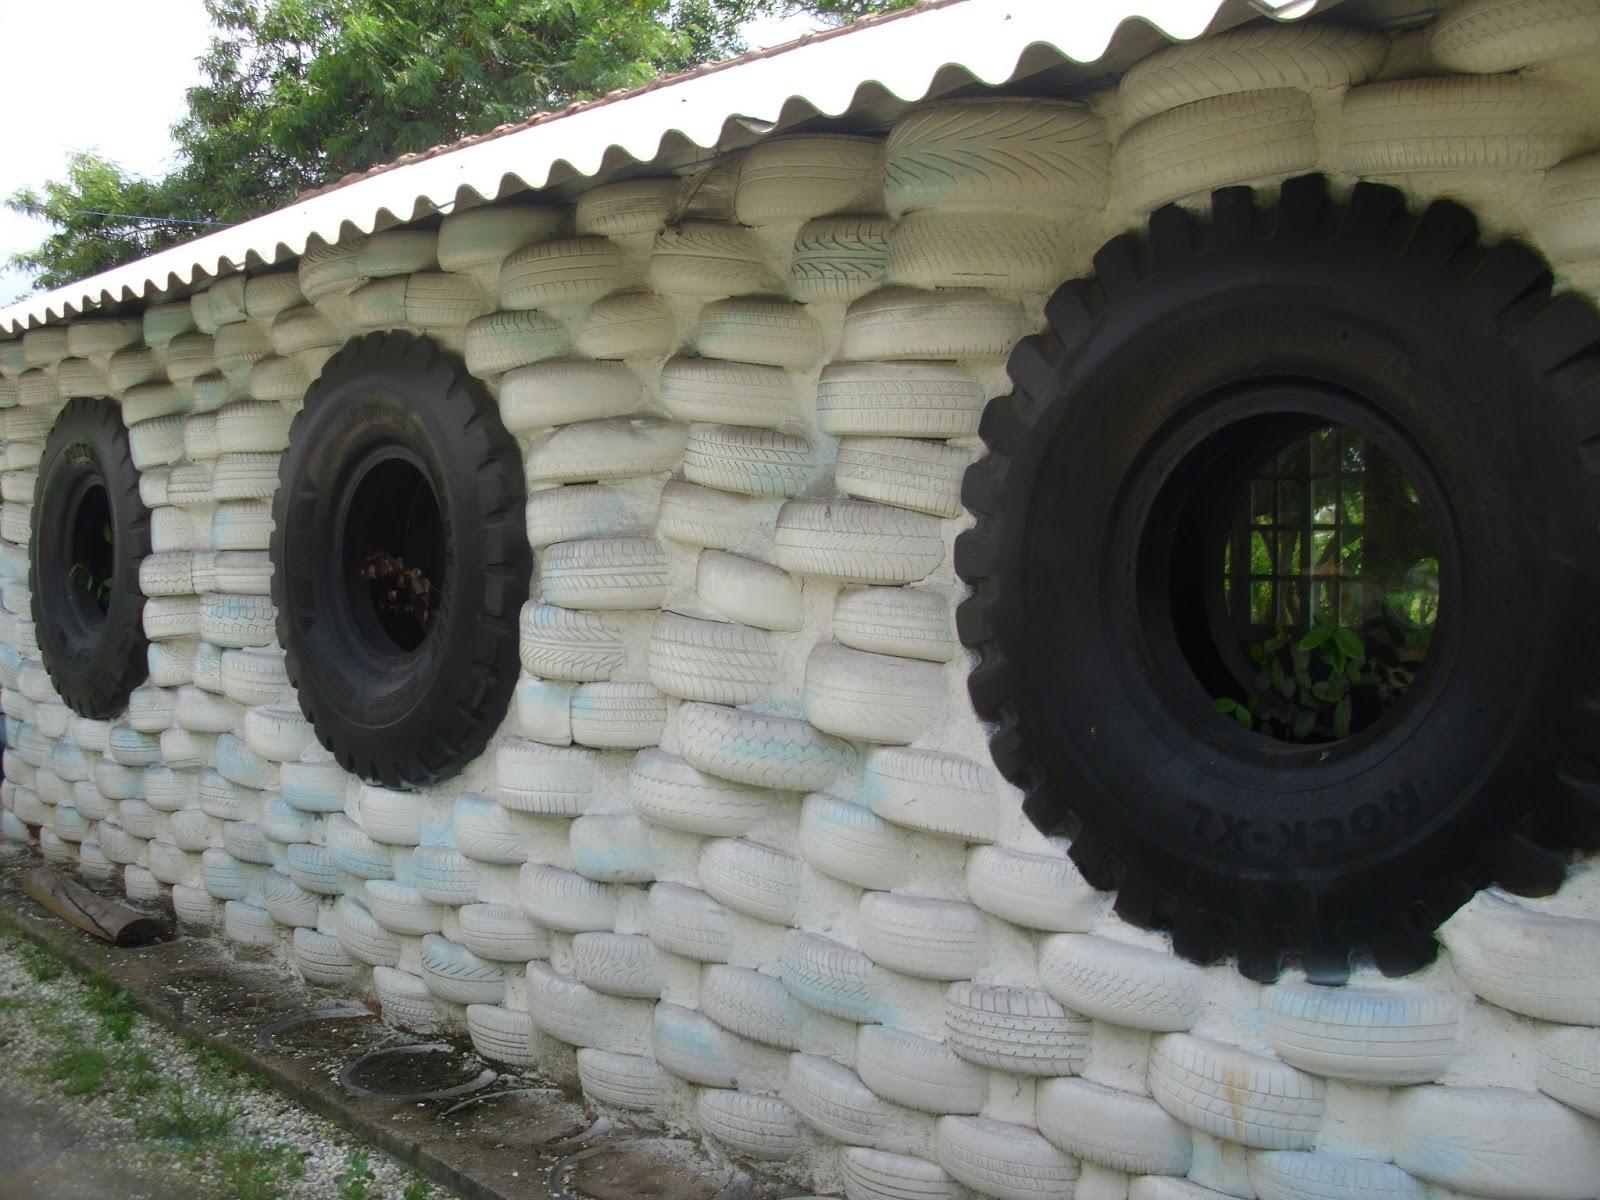 Carol Daemon: A horta urbana da Pedro Américo no Catete RJ #4C5E3D 1600 1200